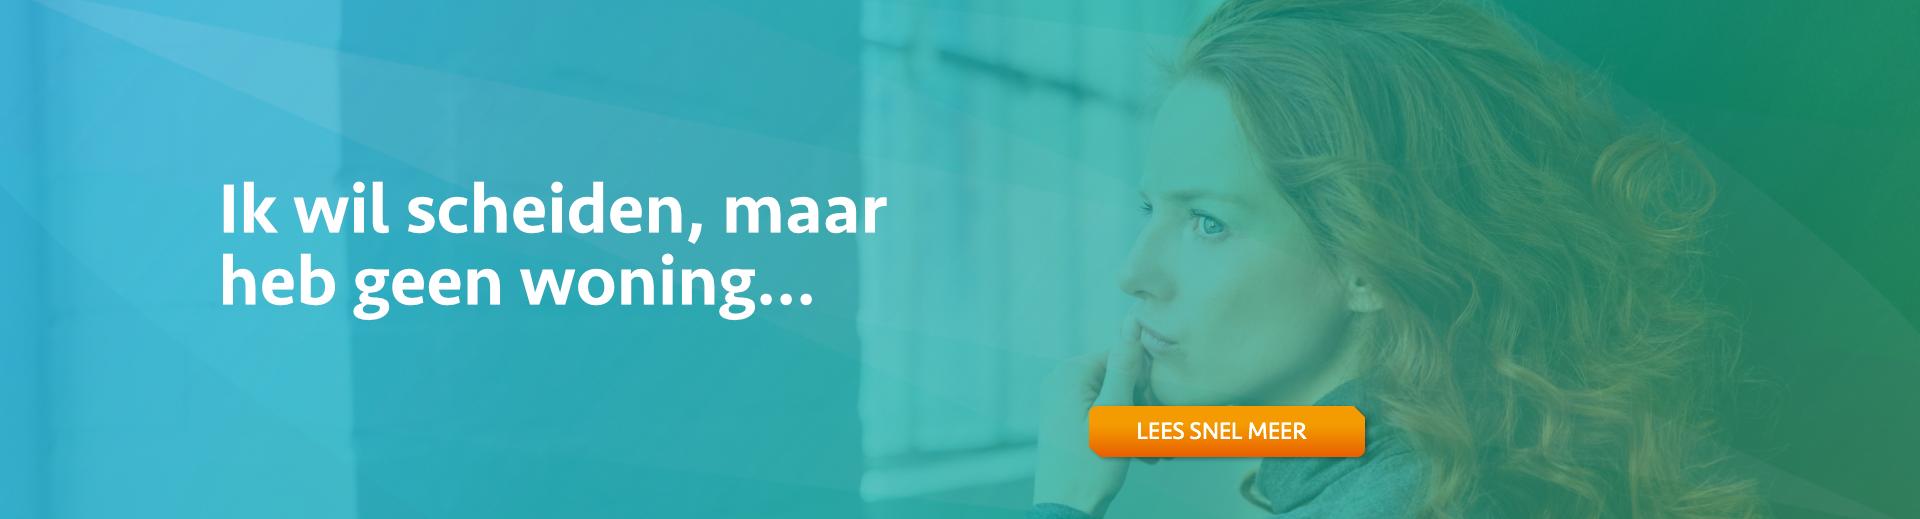 ik wil scheiden maar heb geen woning - Scheidingsplanner Hilversum - Bilthoven - Soest - Het Gooi